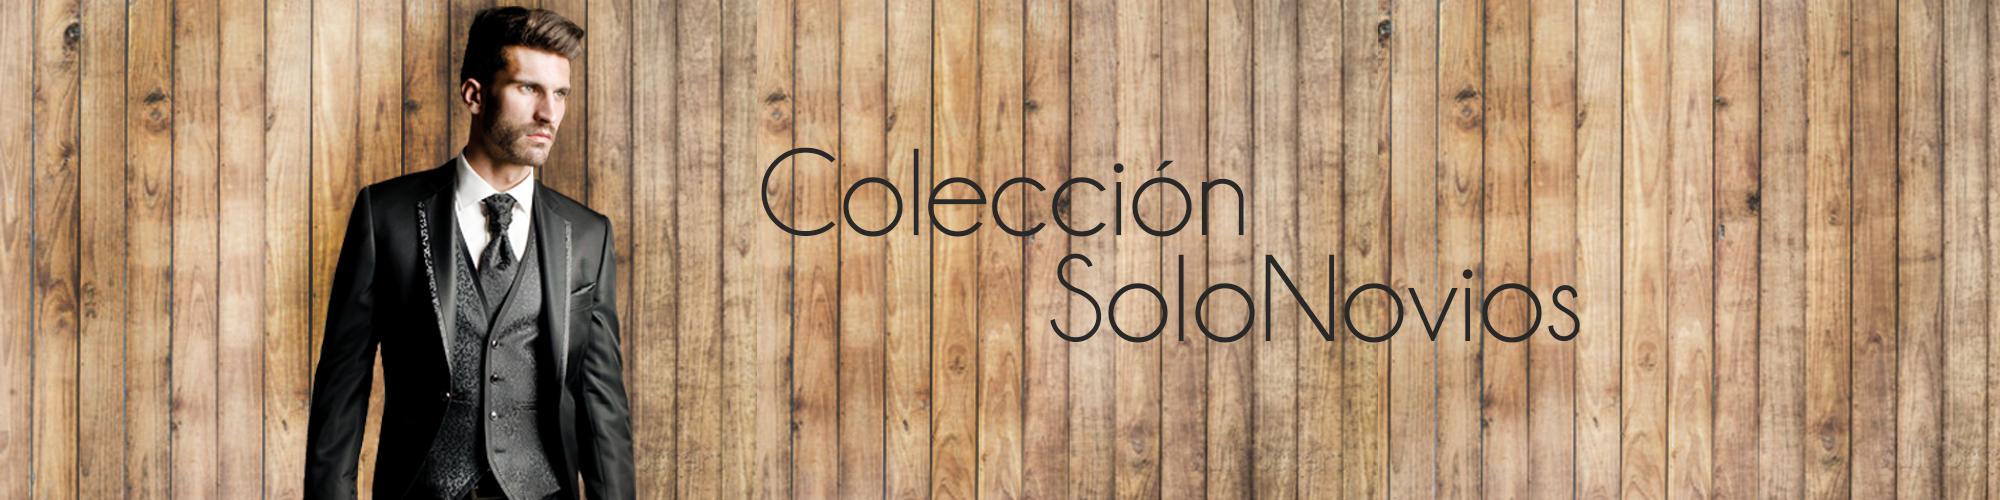 coleccion-solonovios